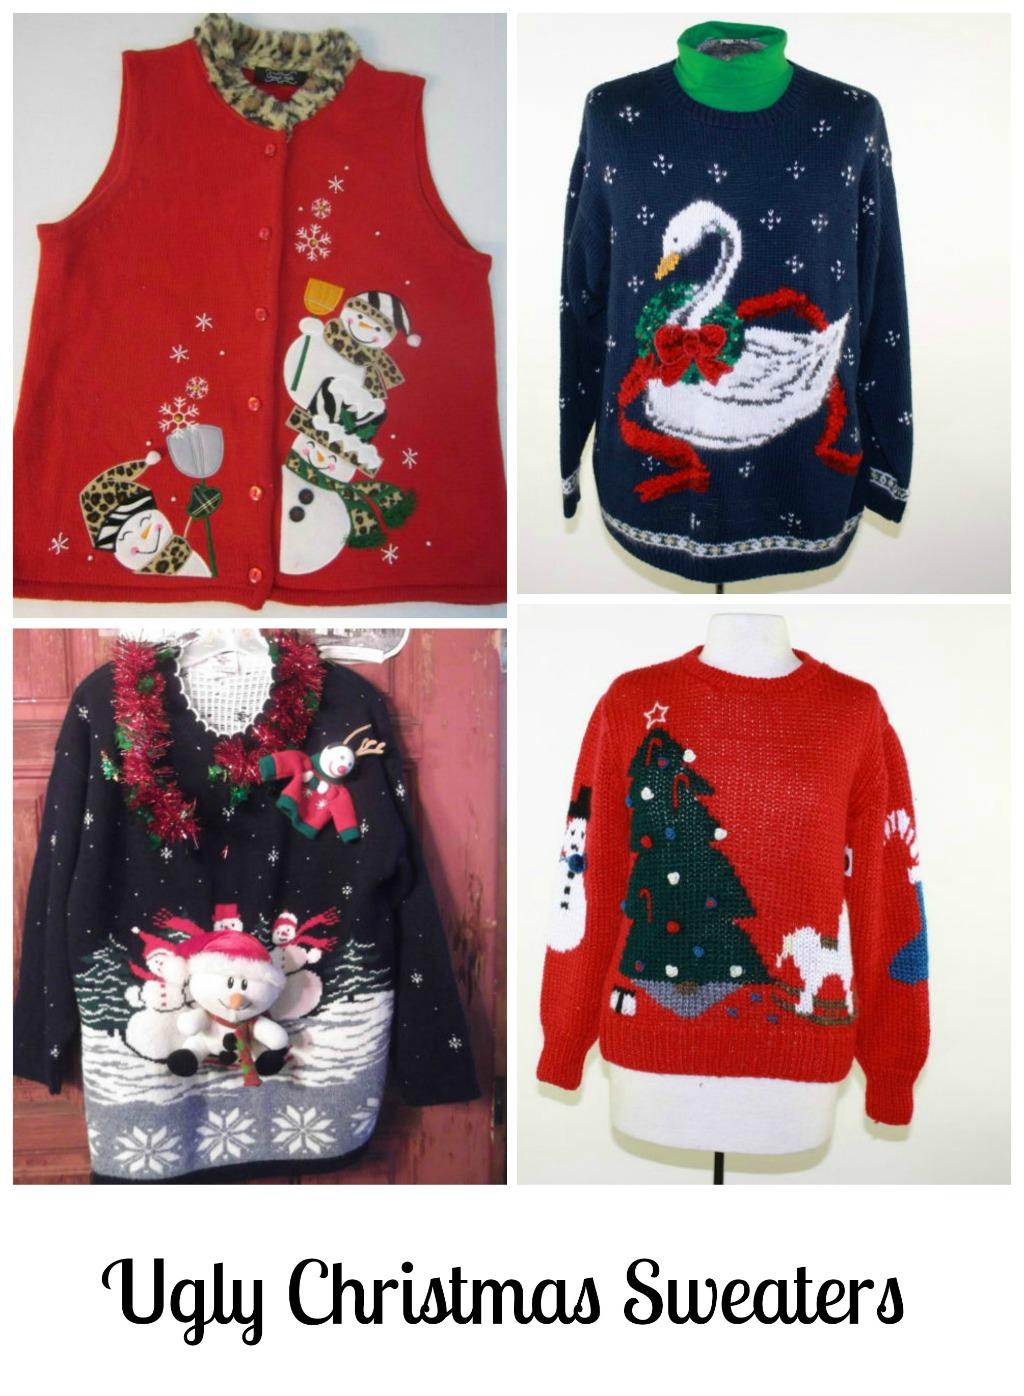 uglychristmassweaters